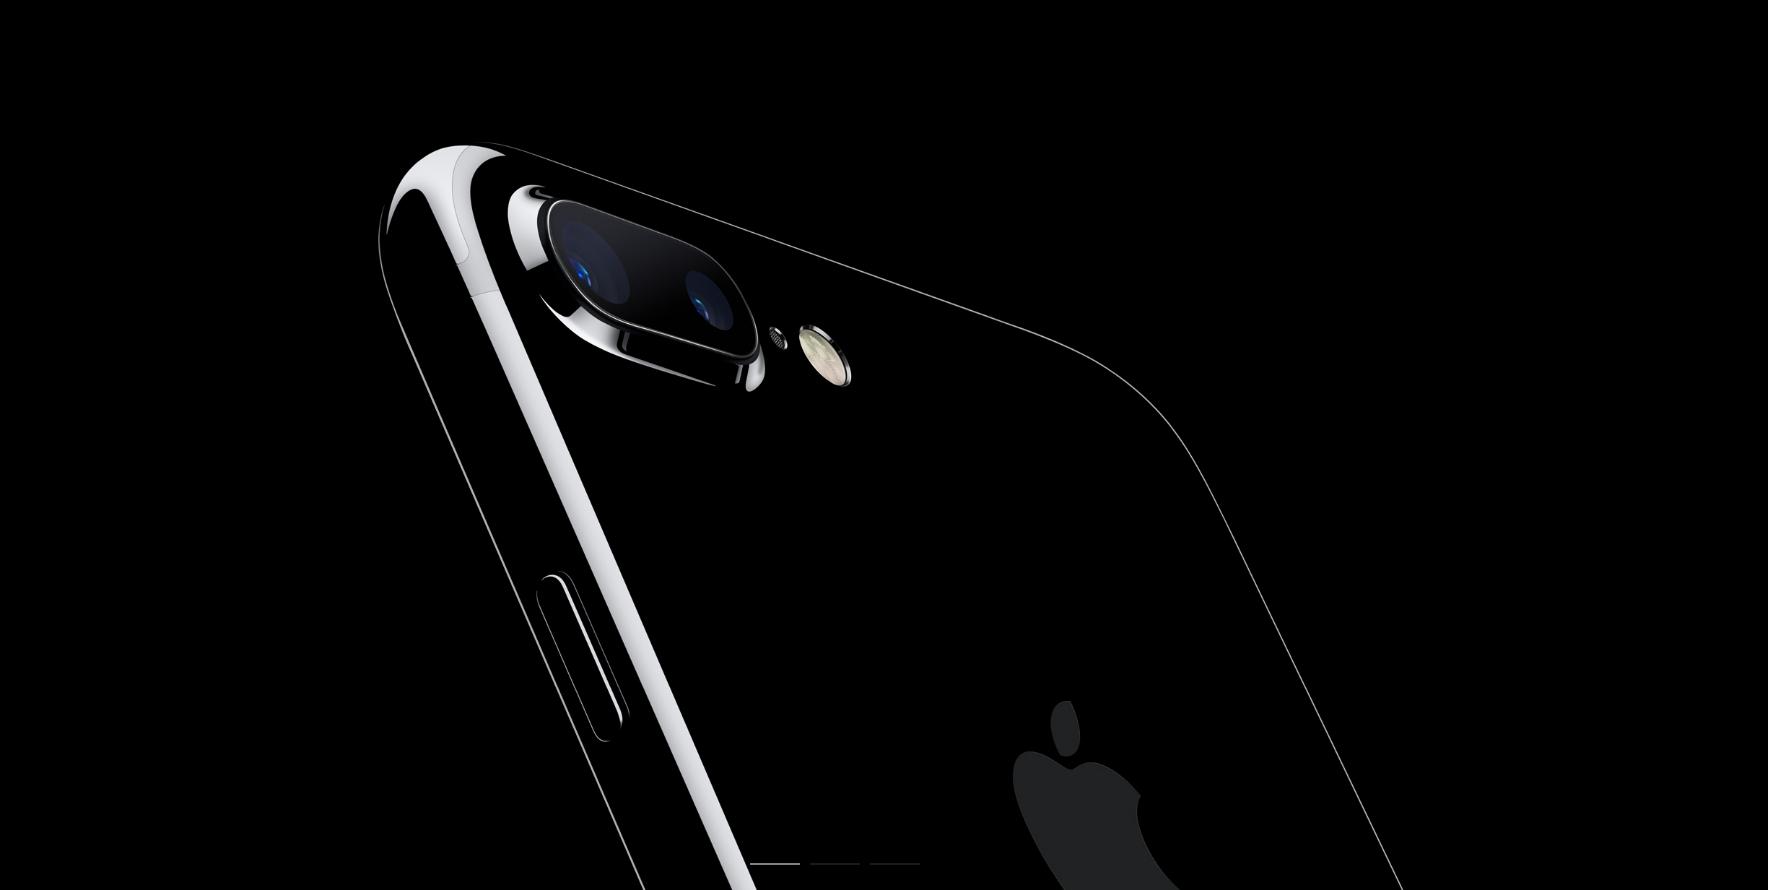 Hodinky s Android Wear se momentálně nedají spárovat s iPhonem 7